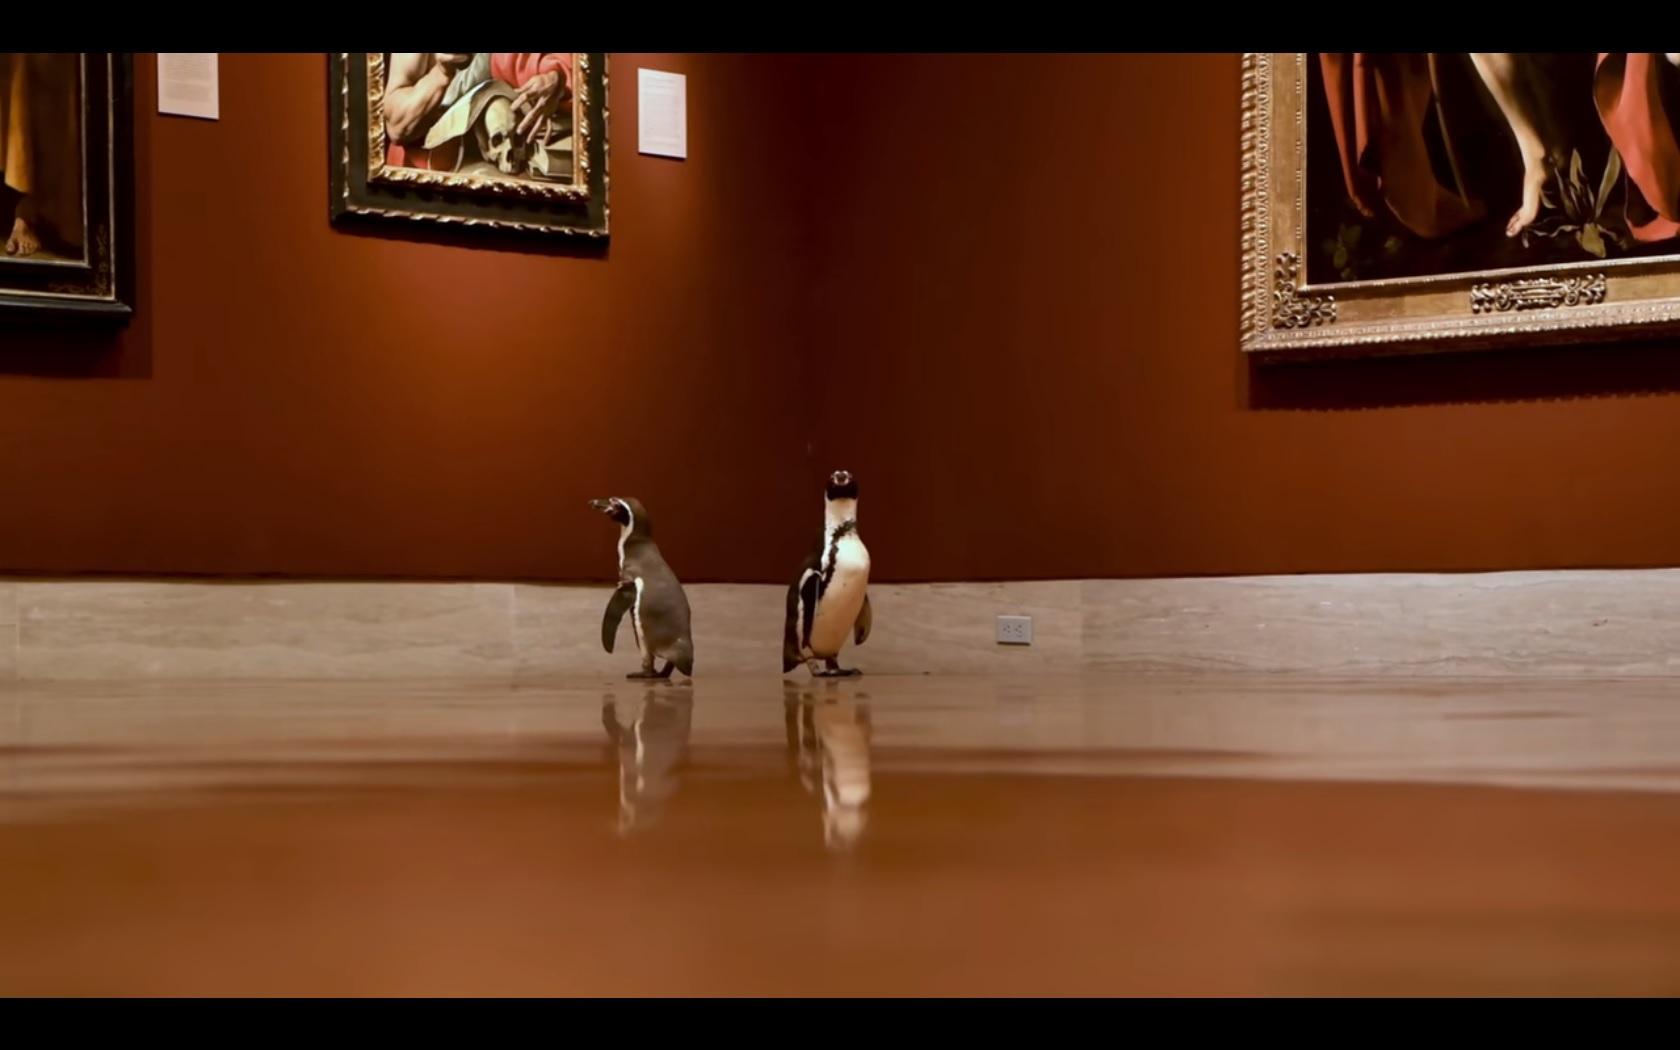 הטבע מתעורר! פינגווינים במוזיאון (צילום: יוטיוב)